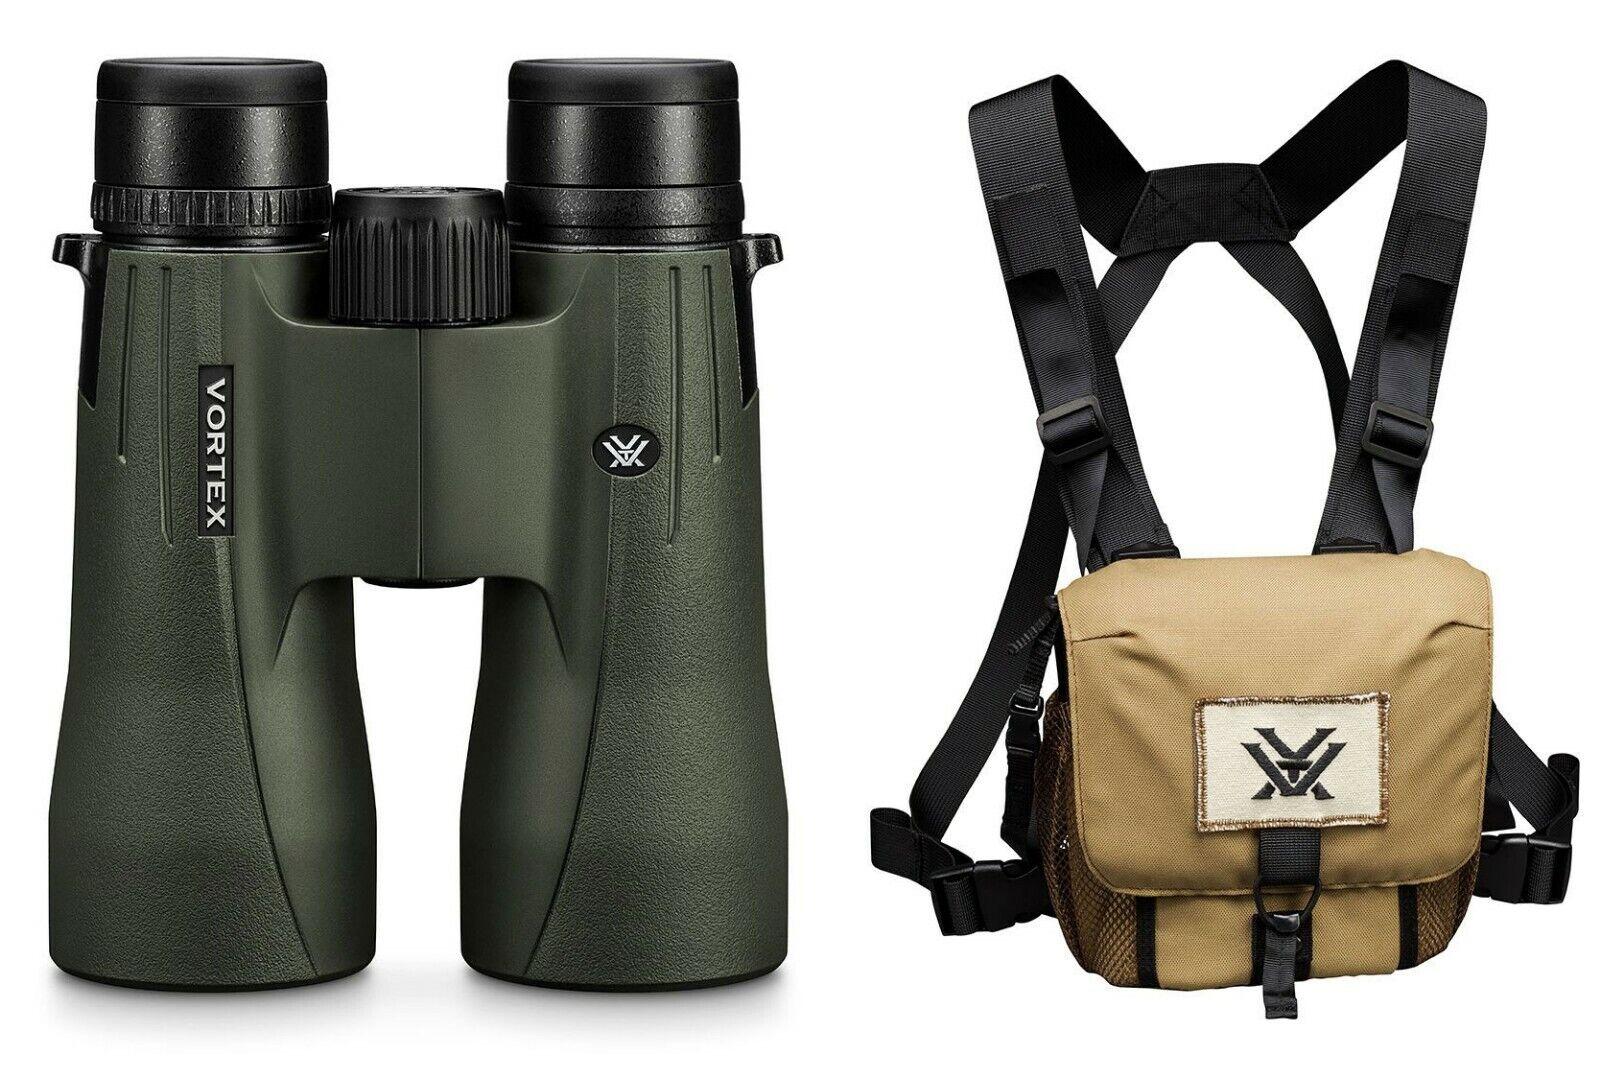 Vortex Optics NUEVO Viper HD Binocular 12x50 Con Estuche Vortex GlassPak Arnés